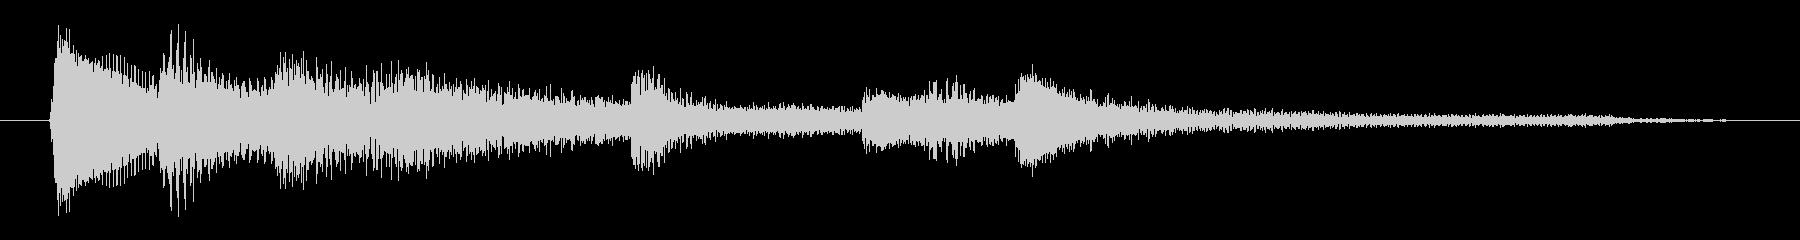 チャプター・場面転換等にピアノジングルDの未再生の波形